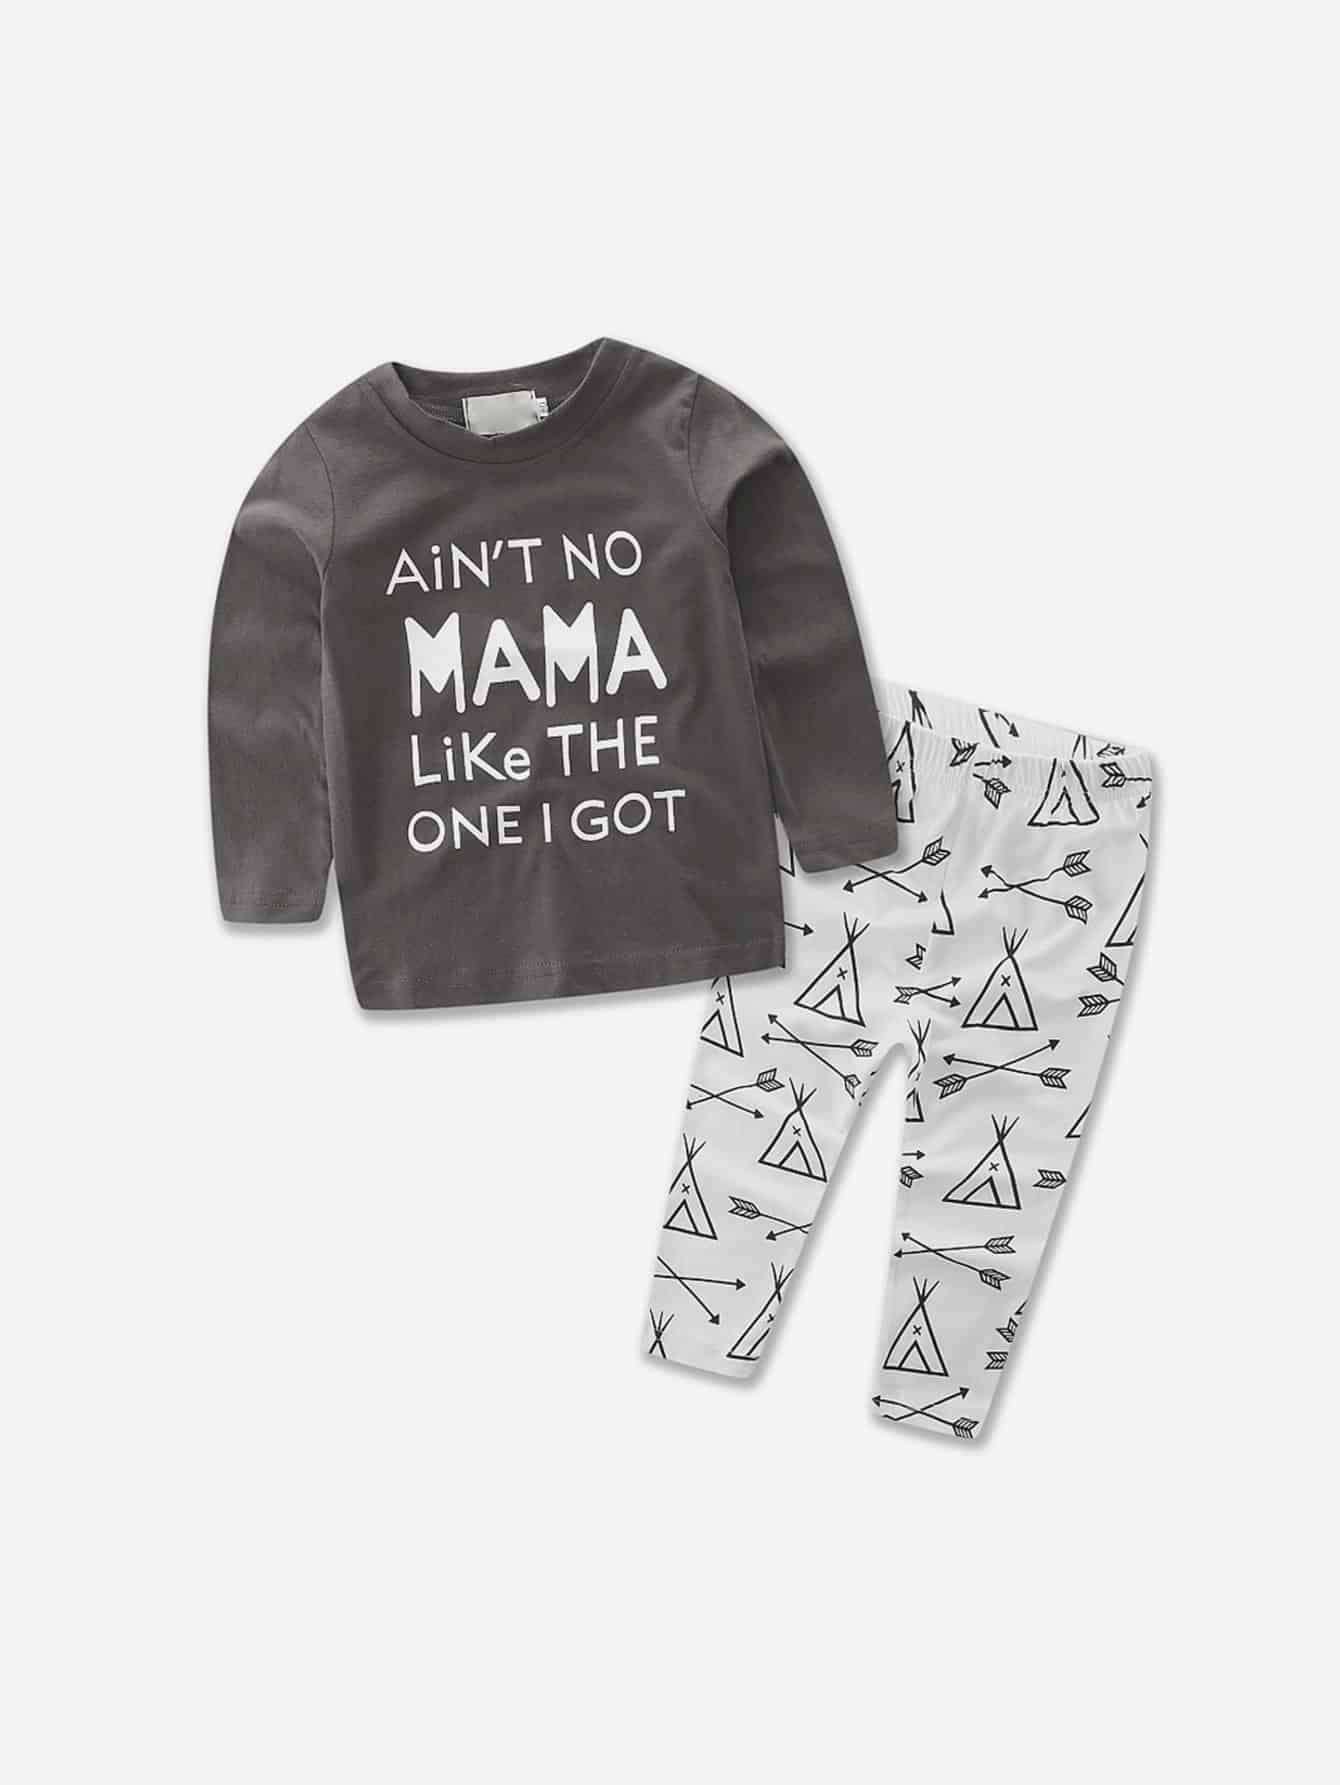 Купить Текст Коричневый Одежда для мальчиков из двух частей, null, SheIn